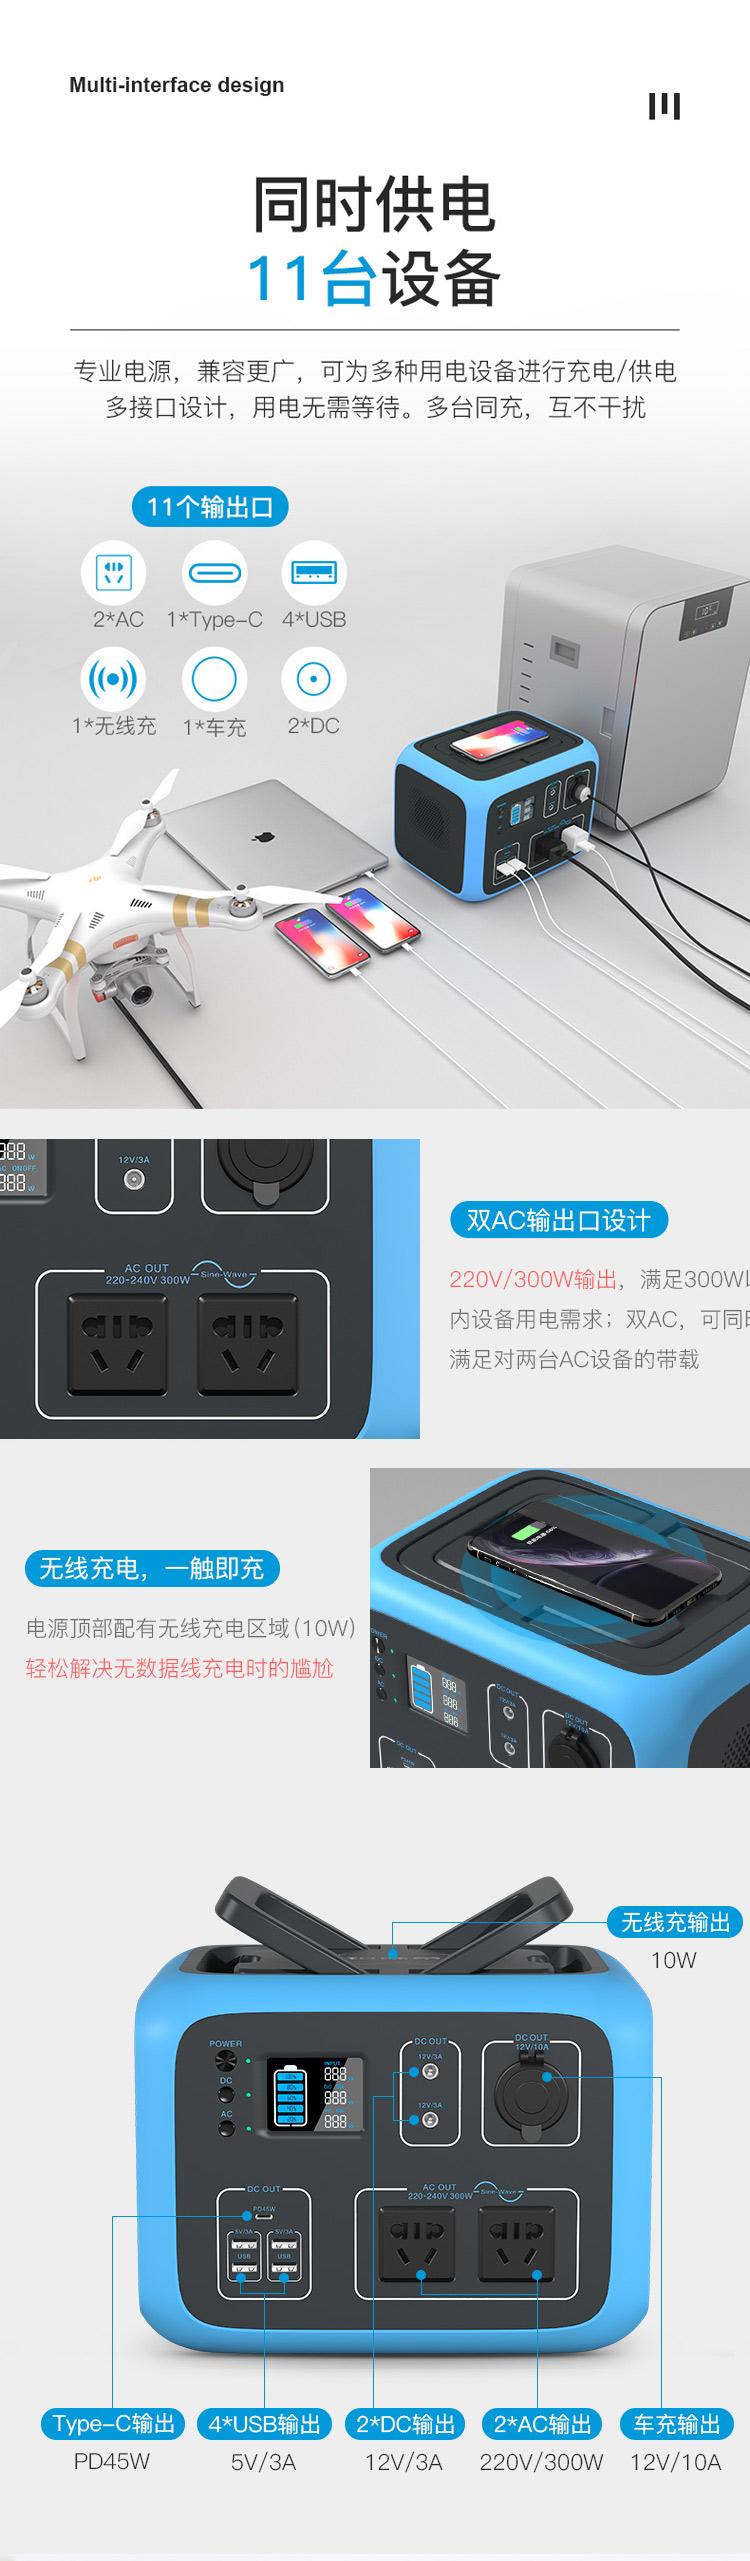 铂陆帝户外电源AC50产品详情图_04.jpg